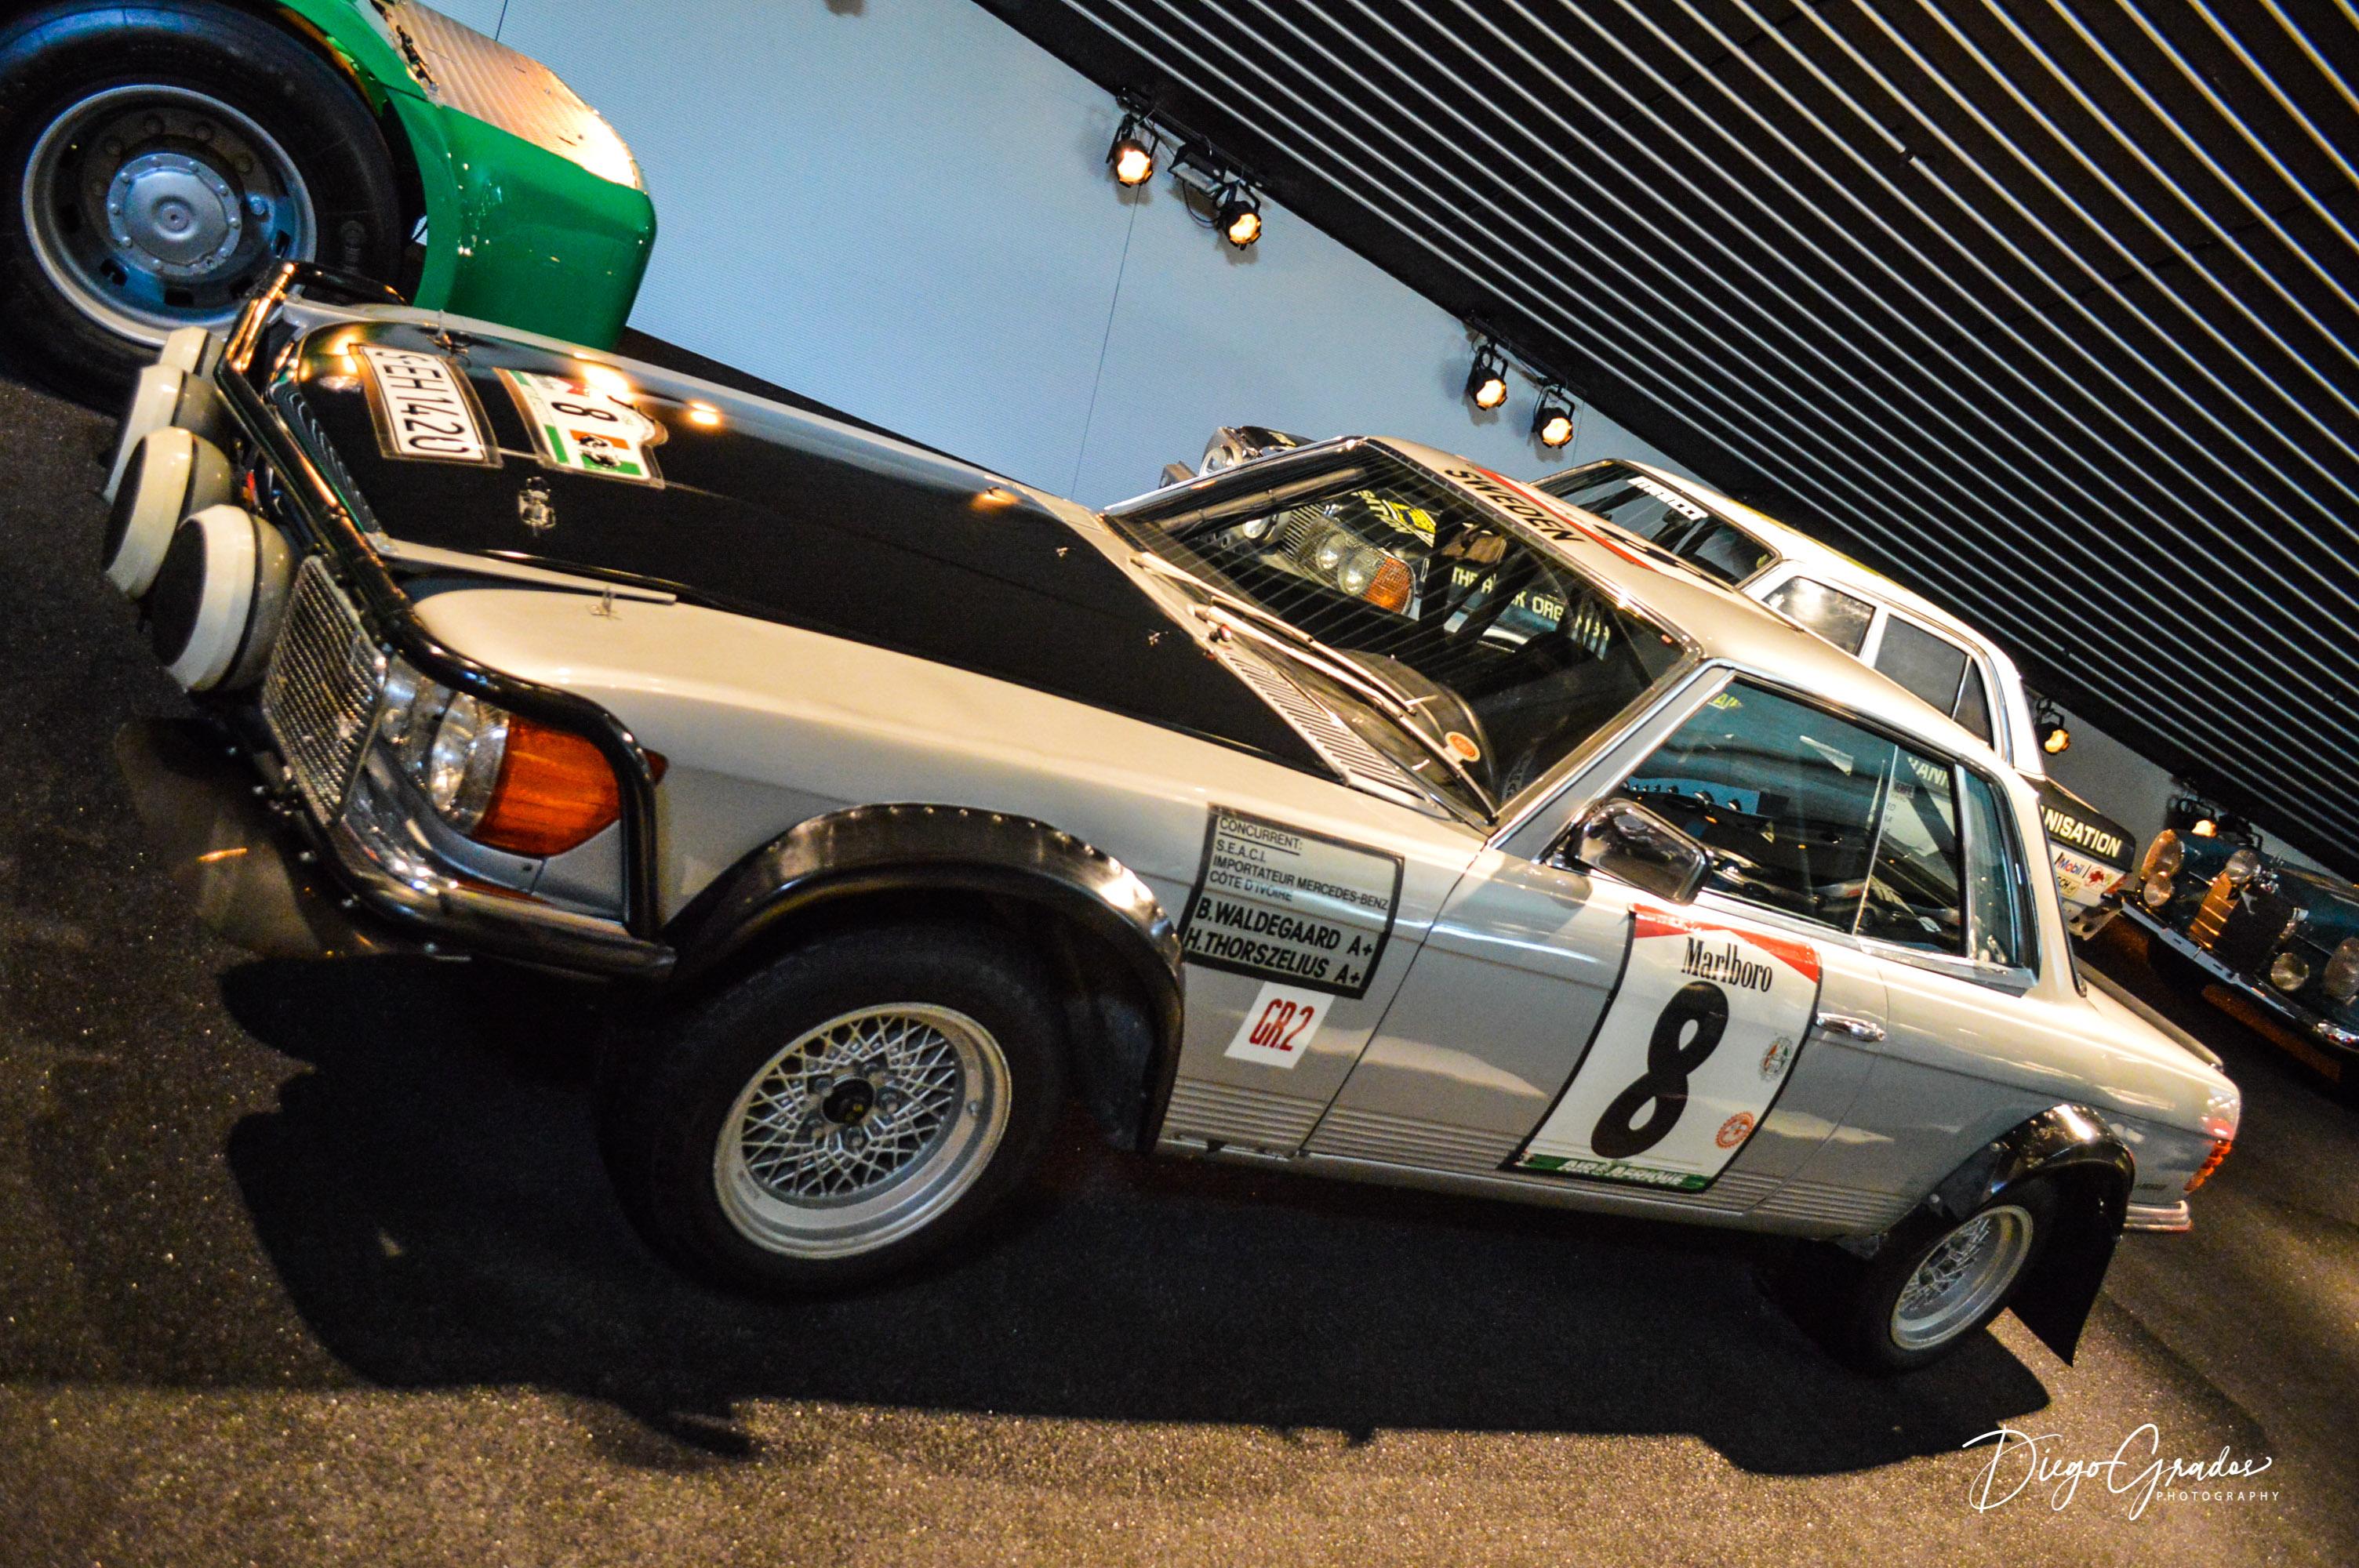 Mercedes-Benz 500 SLC Rallyewagen